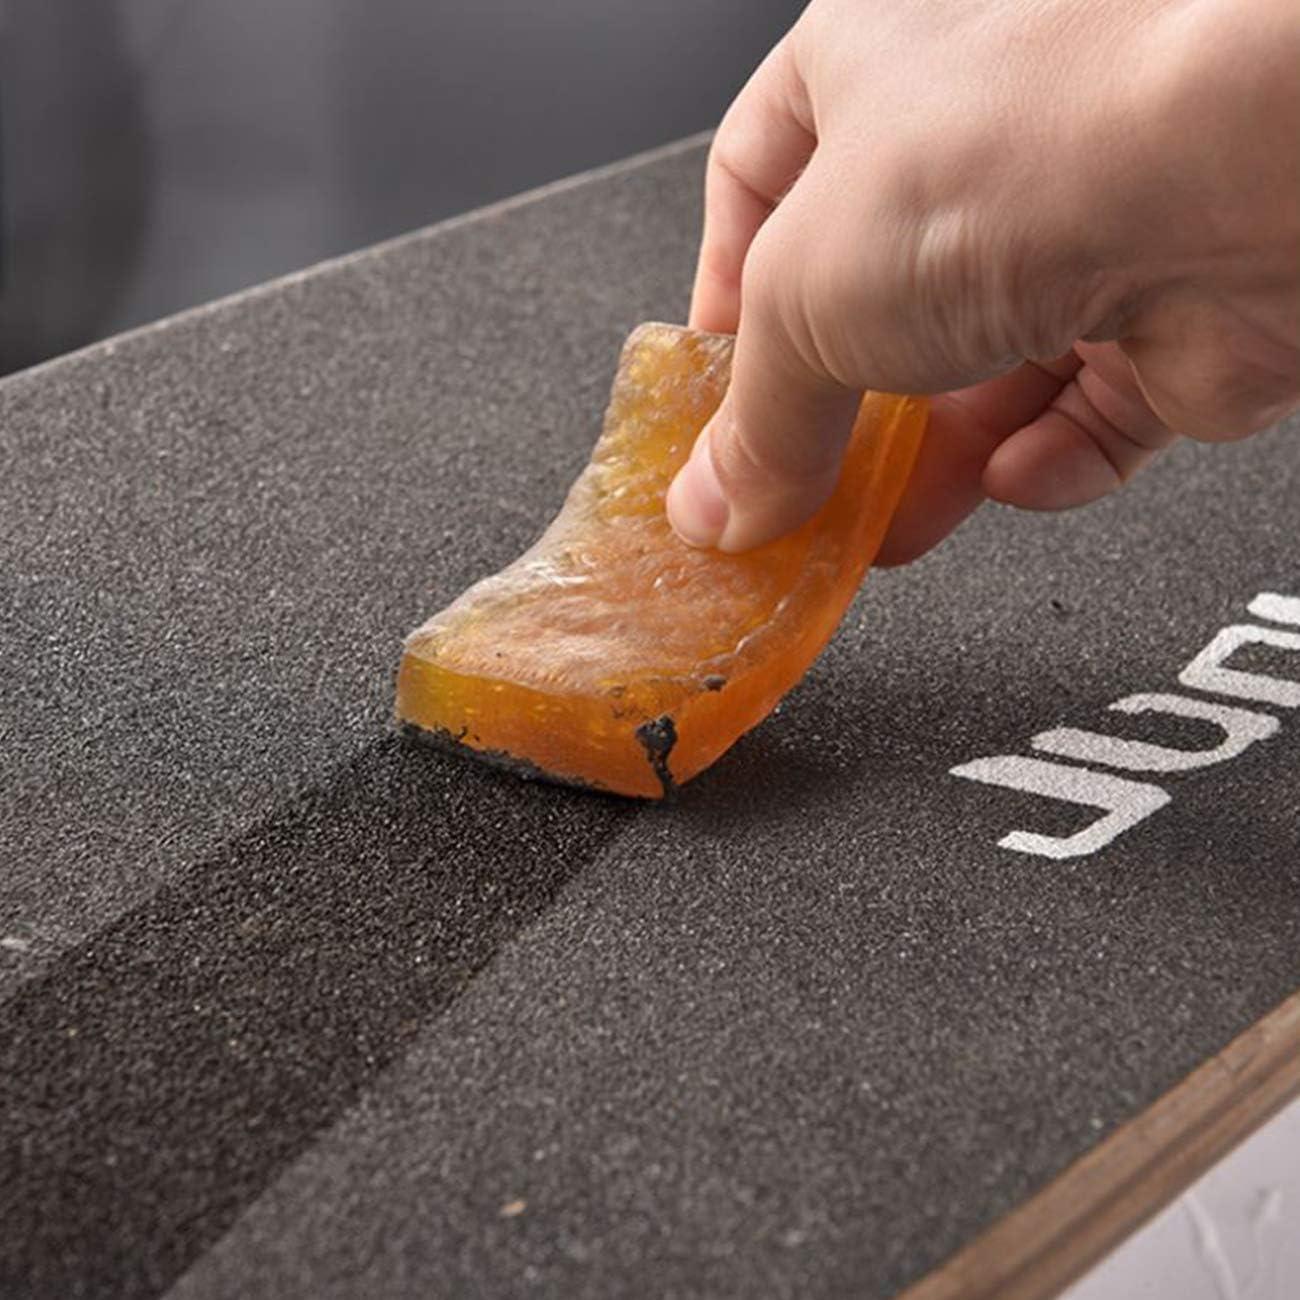 HBHHYRT Skateboard Eraser Grip Tape CAILER Cleaner GOMAJE, Discos ANDING Scooter Accesorios Limpios para El Monopatín De Limpieza, Papel De Lija